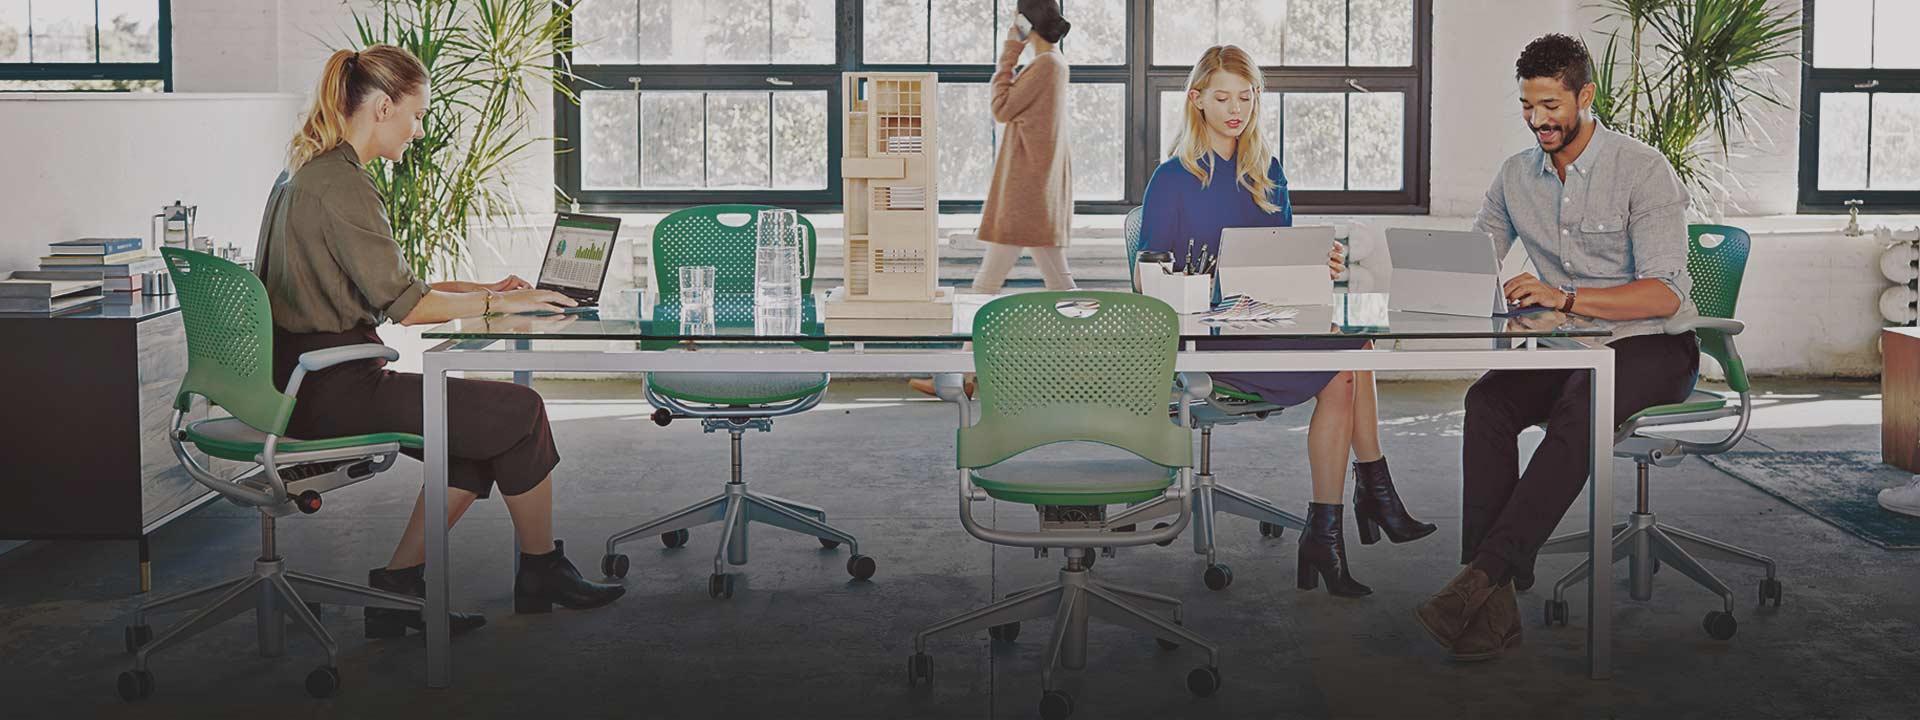 Люди работают, узнайте больше об Office365